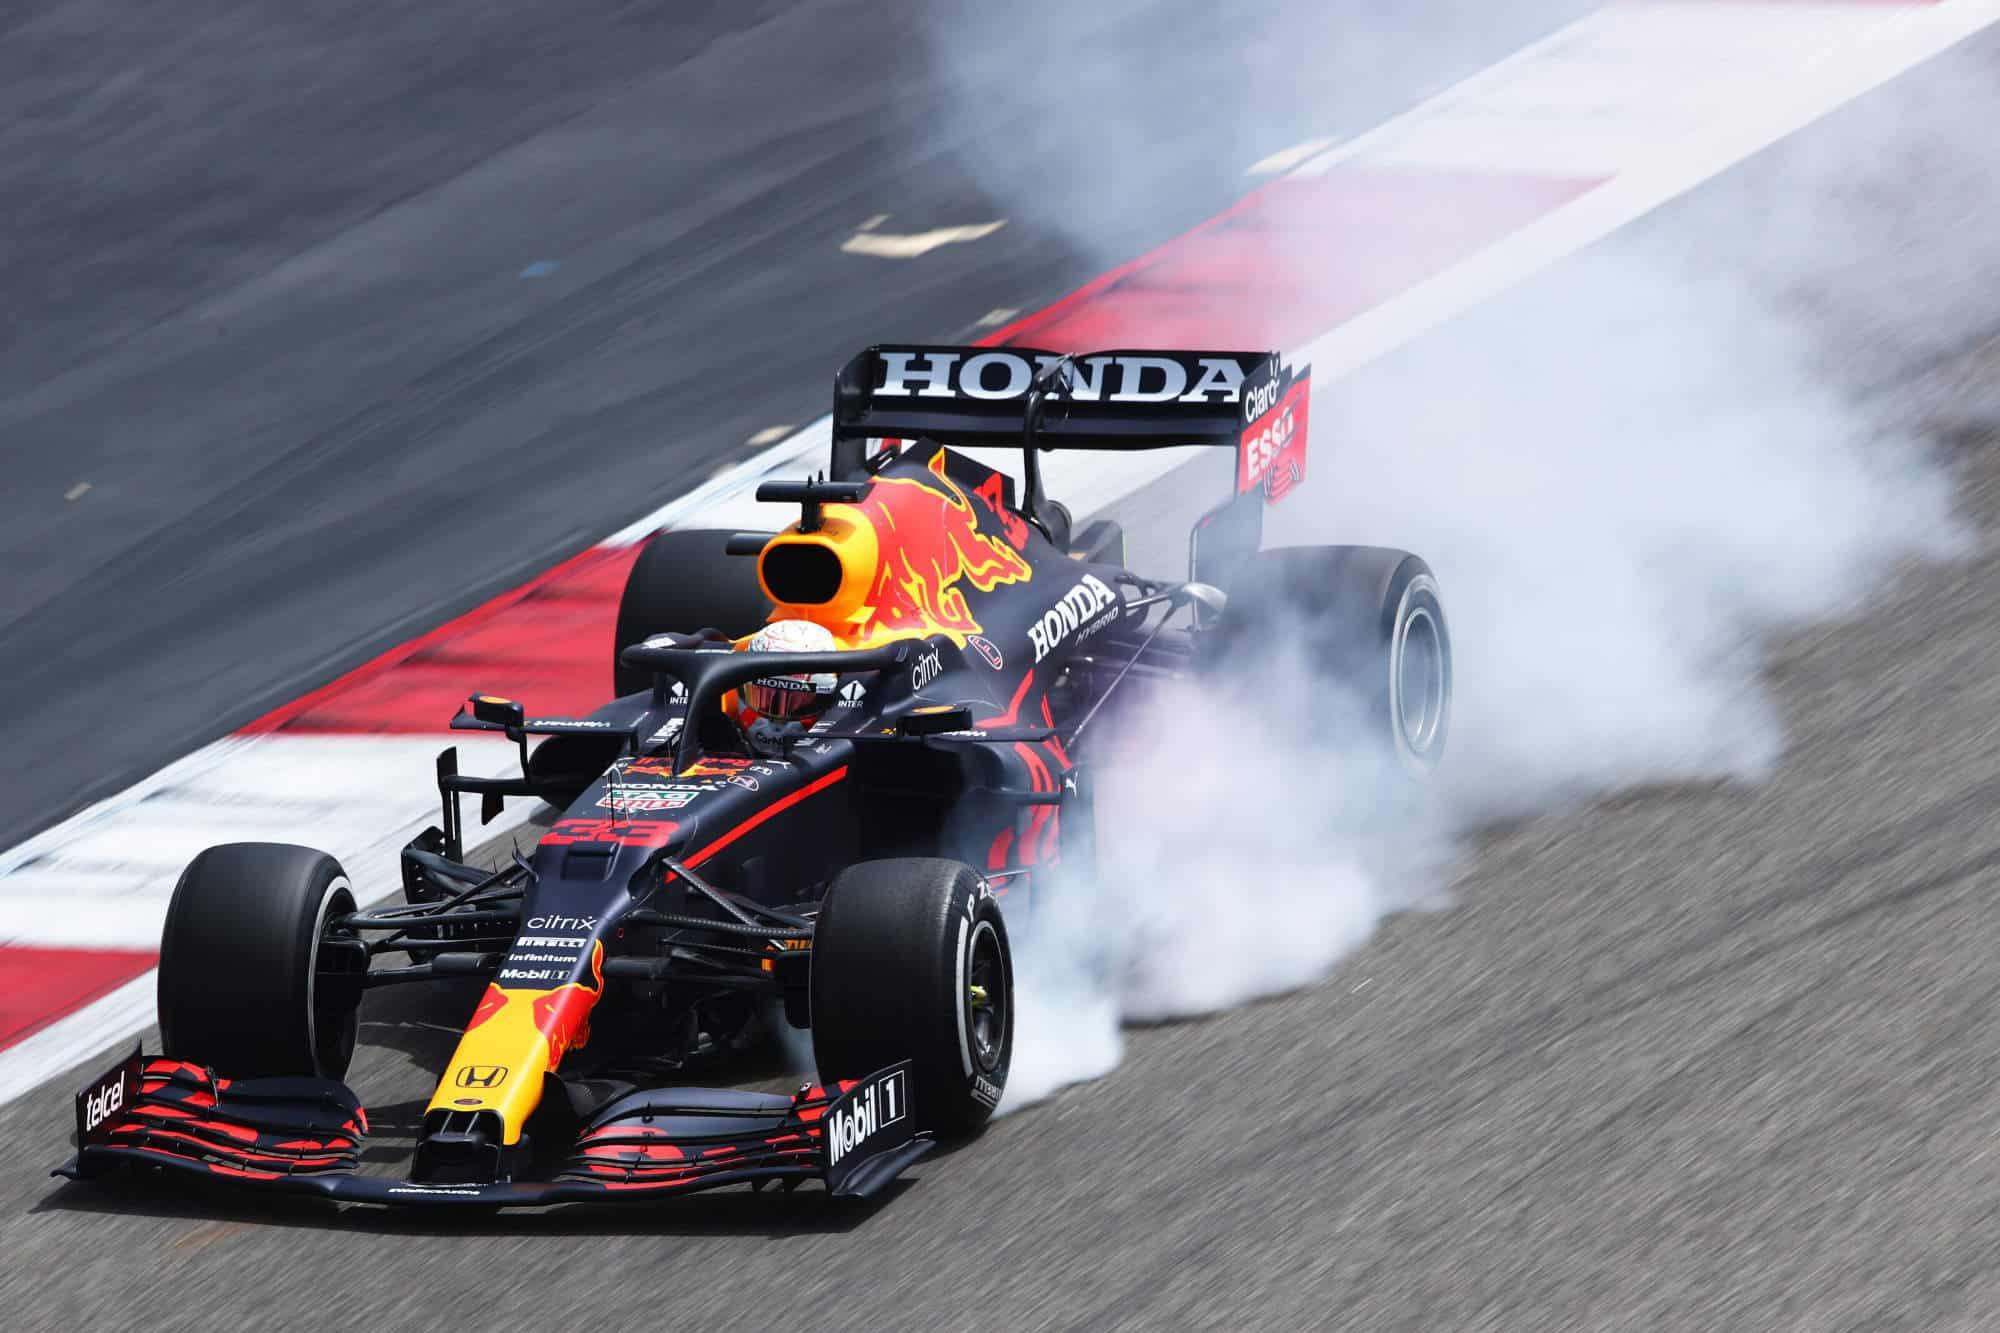 2021 Verstappen Red Bull RB16B locking the wheel on braking Photo Red Bull